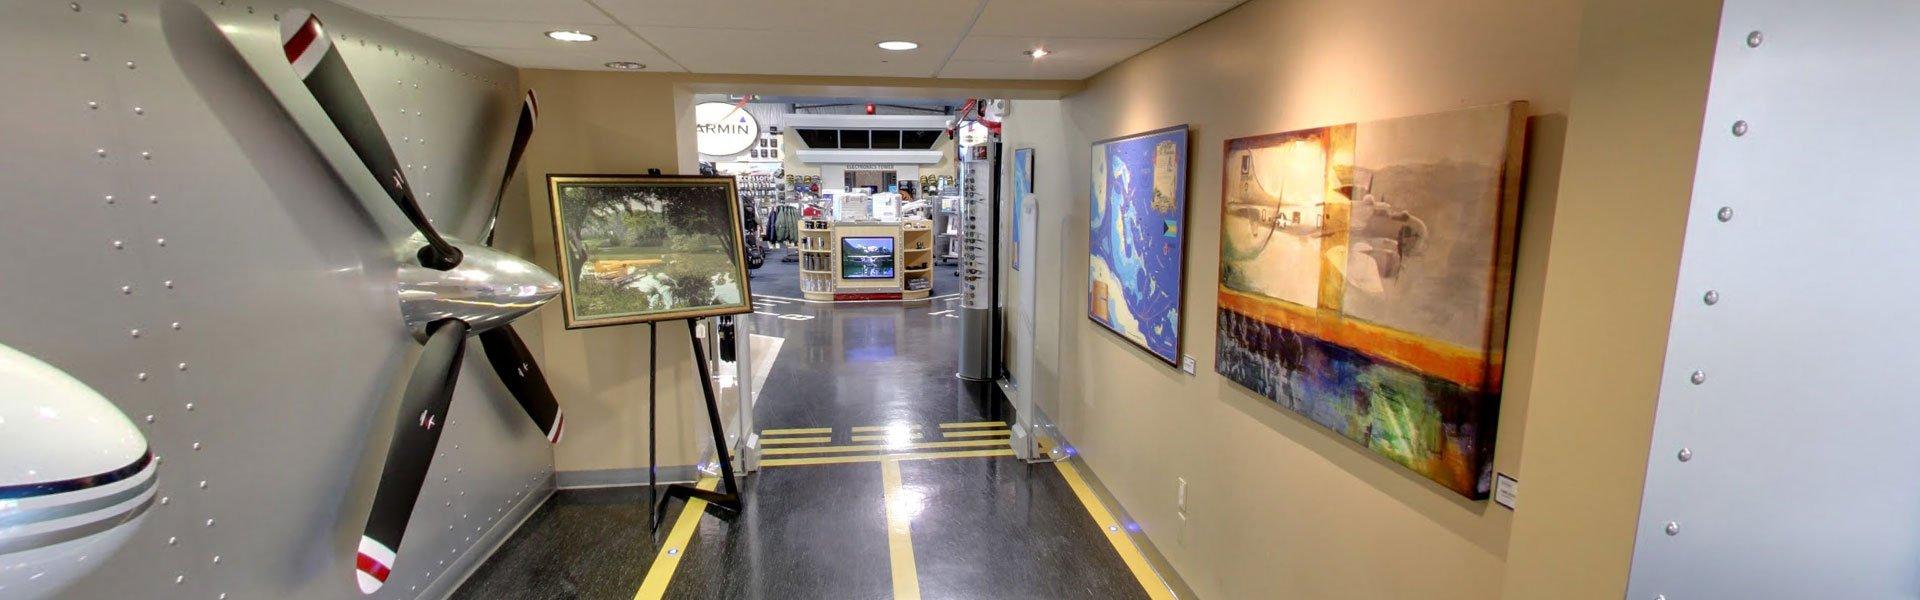 Store Entrance - About Banyan Pilot Shop